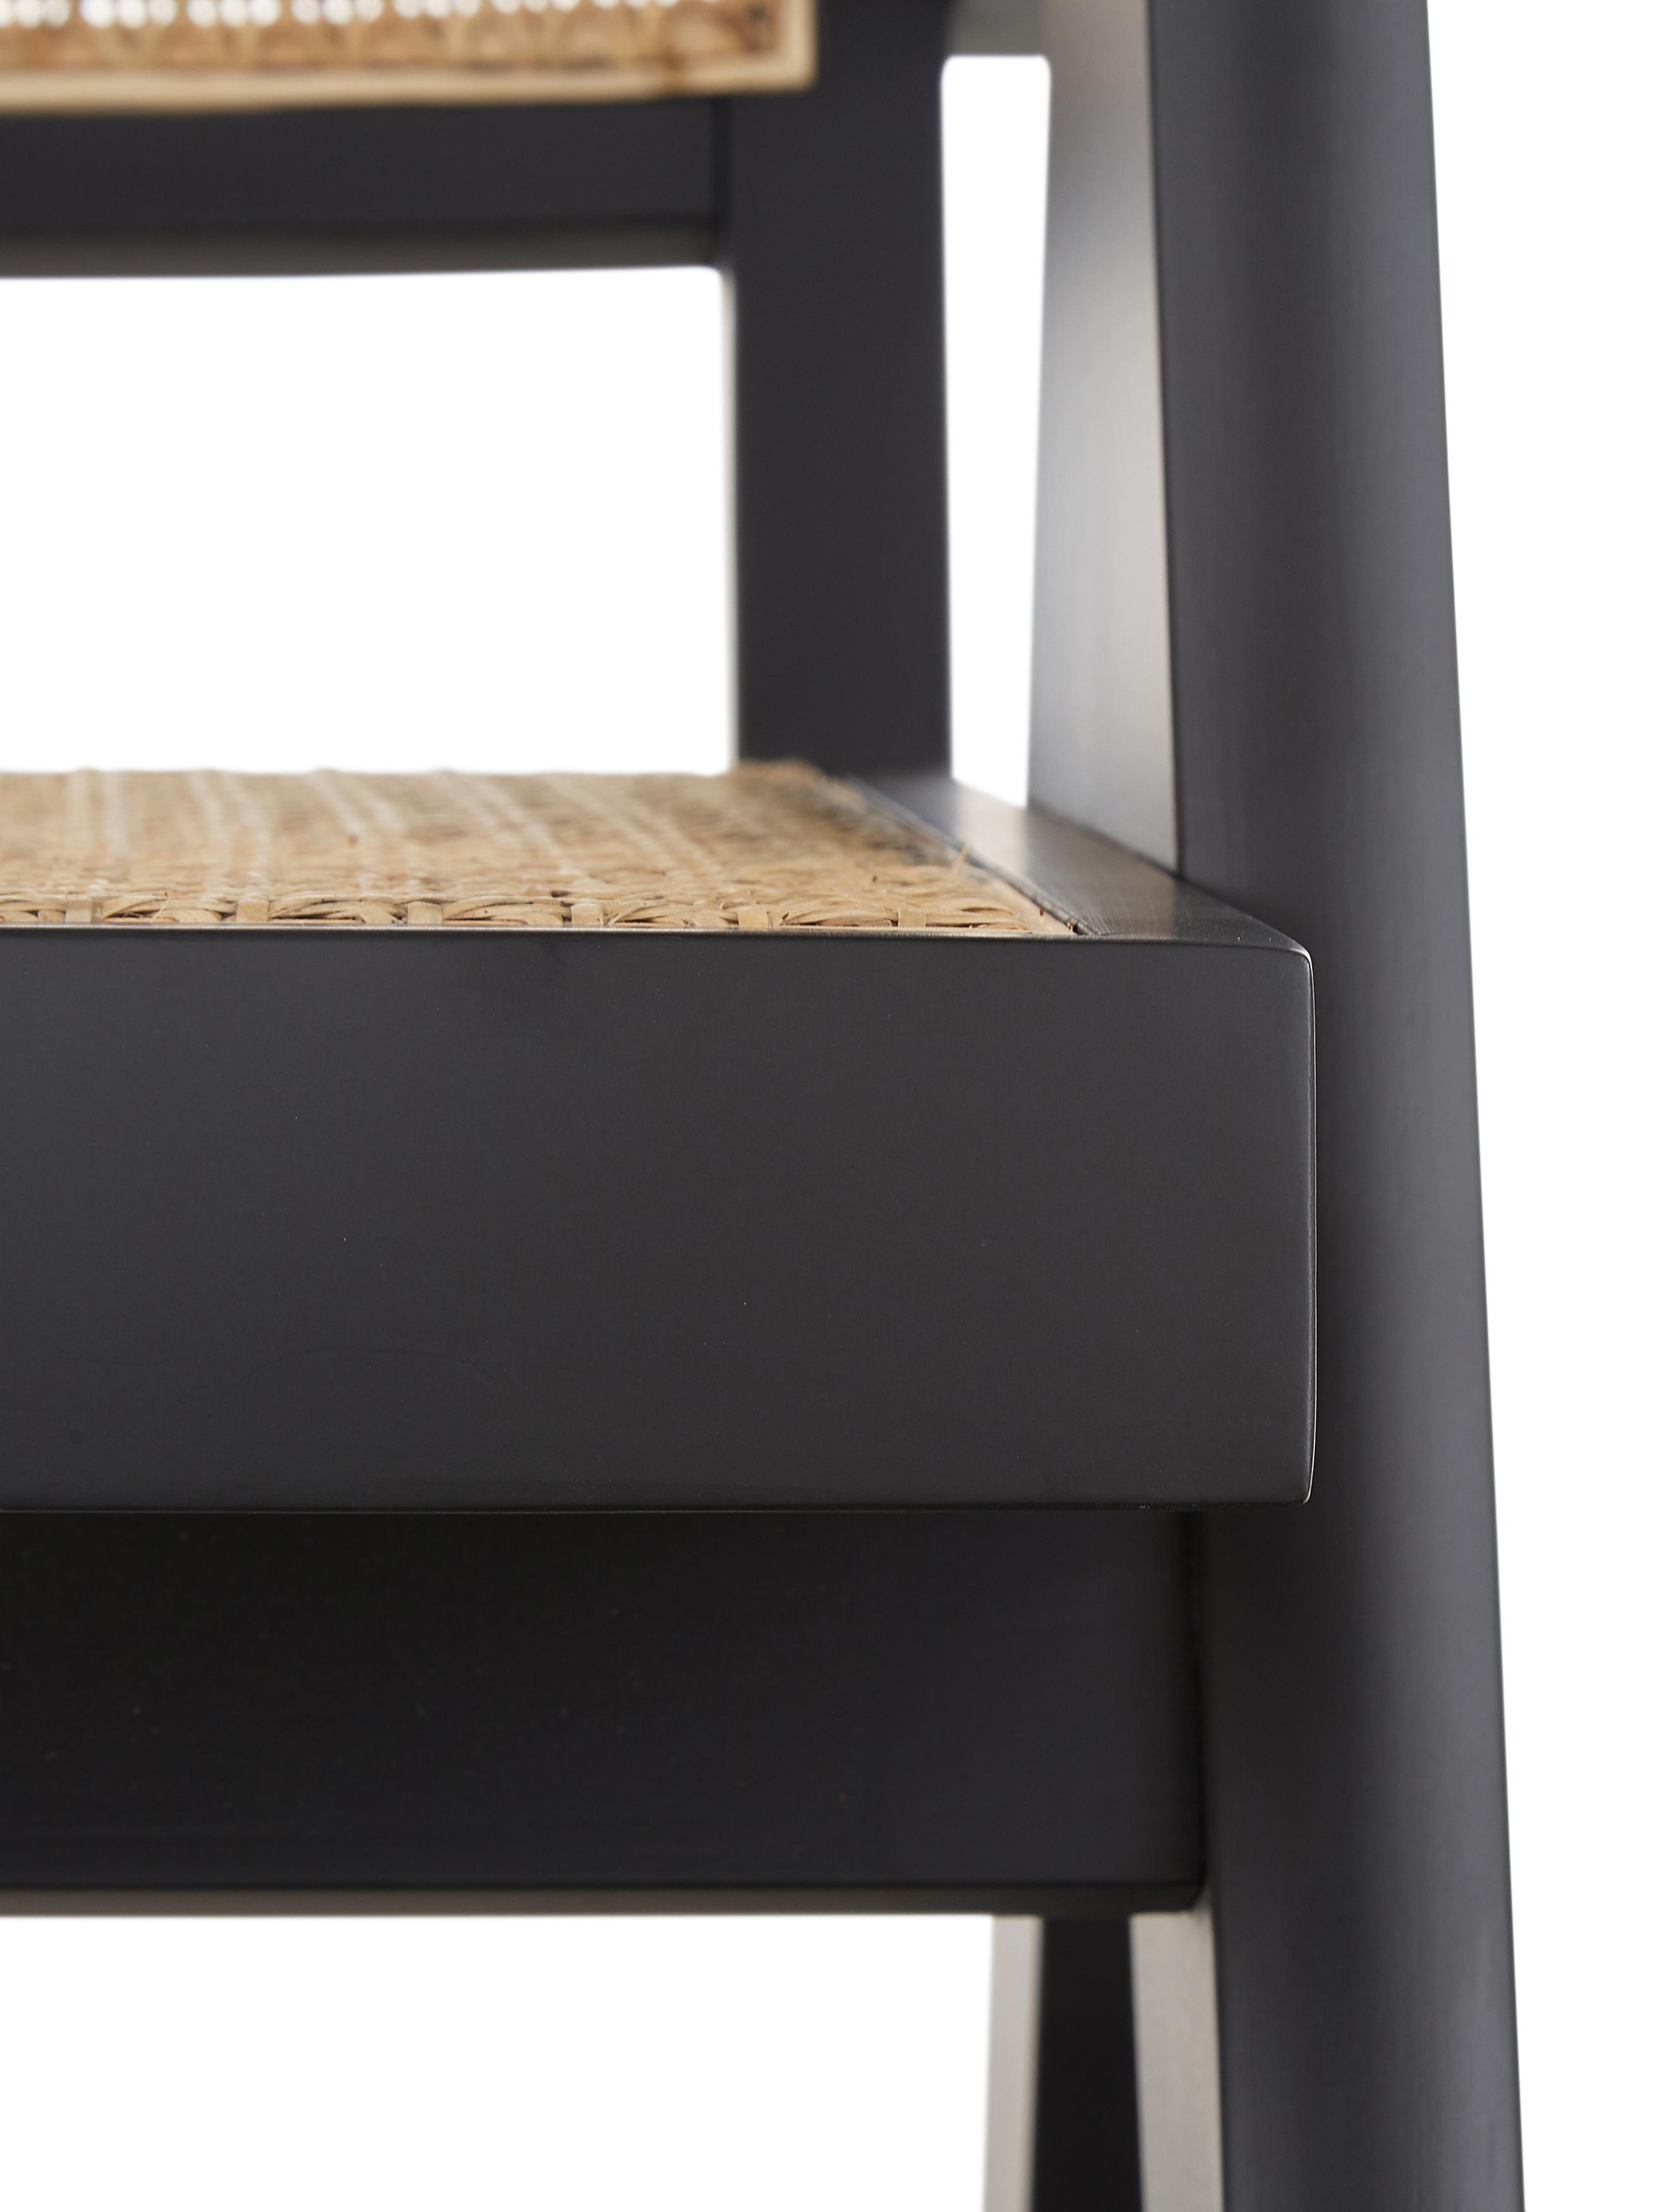 Krzesło z podłokietnikami z plecionką wiedeńską Sissi, Stelaż: lite drewno bukowe, lakie, Rattan, czarny, S 52 x G 58 cm